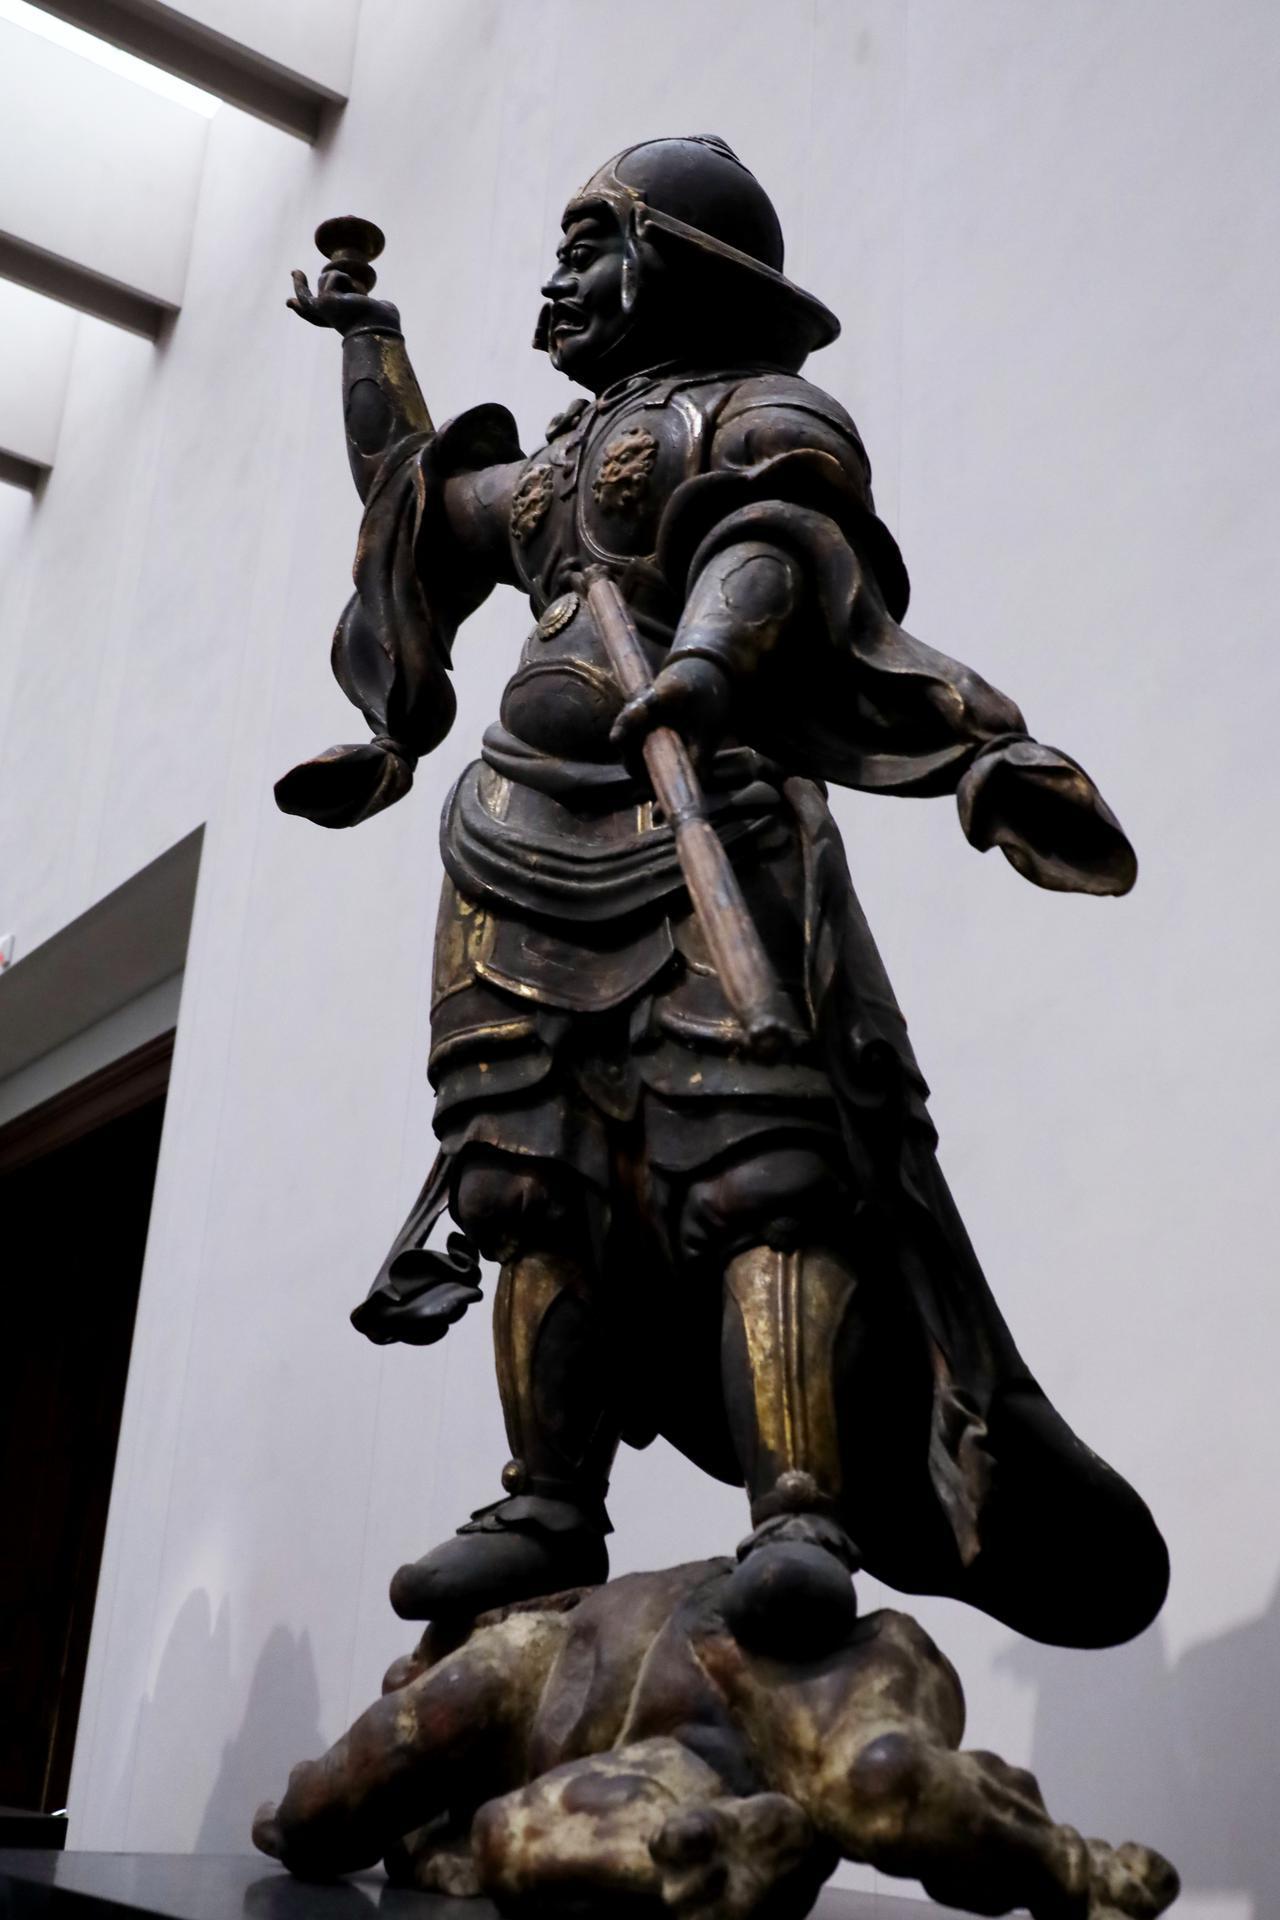 画像: 多聞天立像 平安〜鎌倉時代 11〜12世紀 奈良国立博物館蔵 重要文化財 とてもダイナミックな動きのある個性的なポーズで、金箔と全身に施された彩色がよく残っている